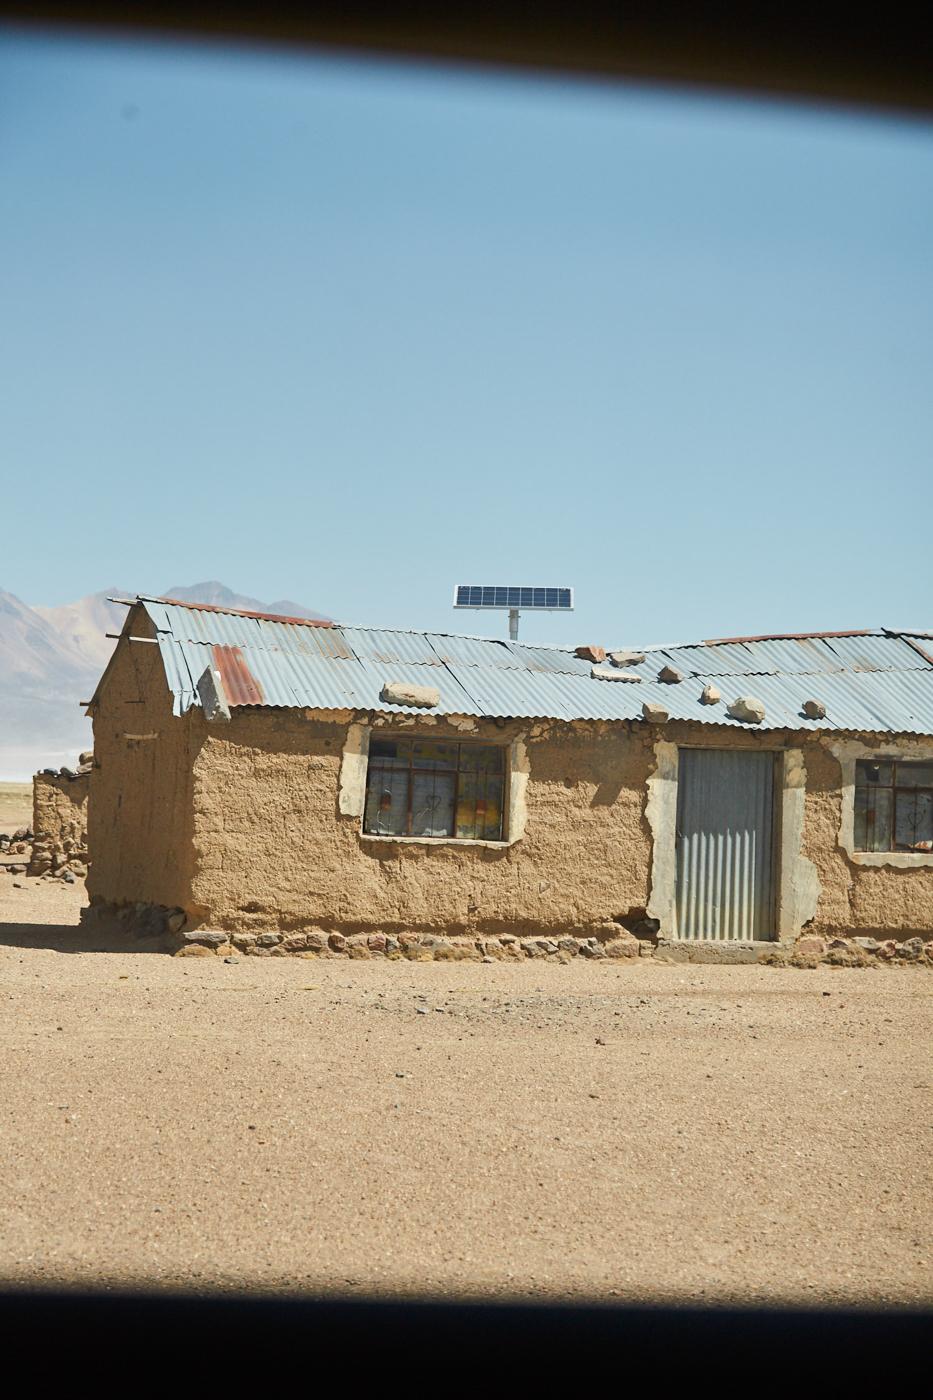 Viele Häuser in Peru verwenden Solaranlagen zur Stromerzeugung, und möge die Hütte noch so baufällig sein